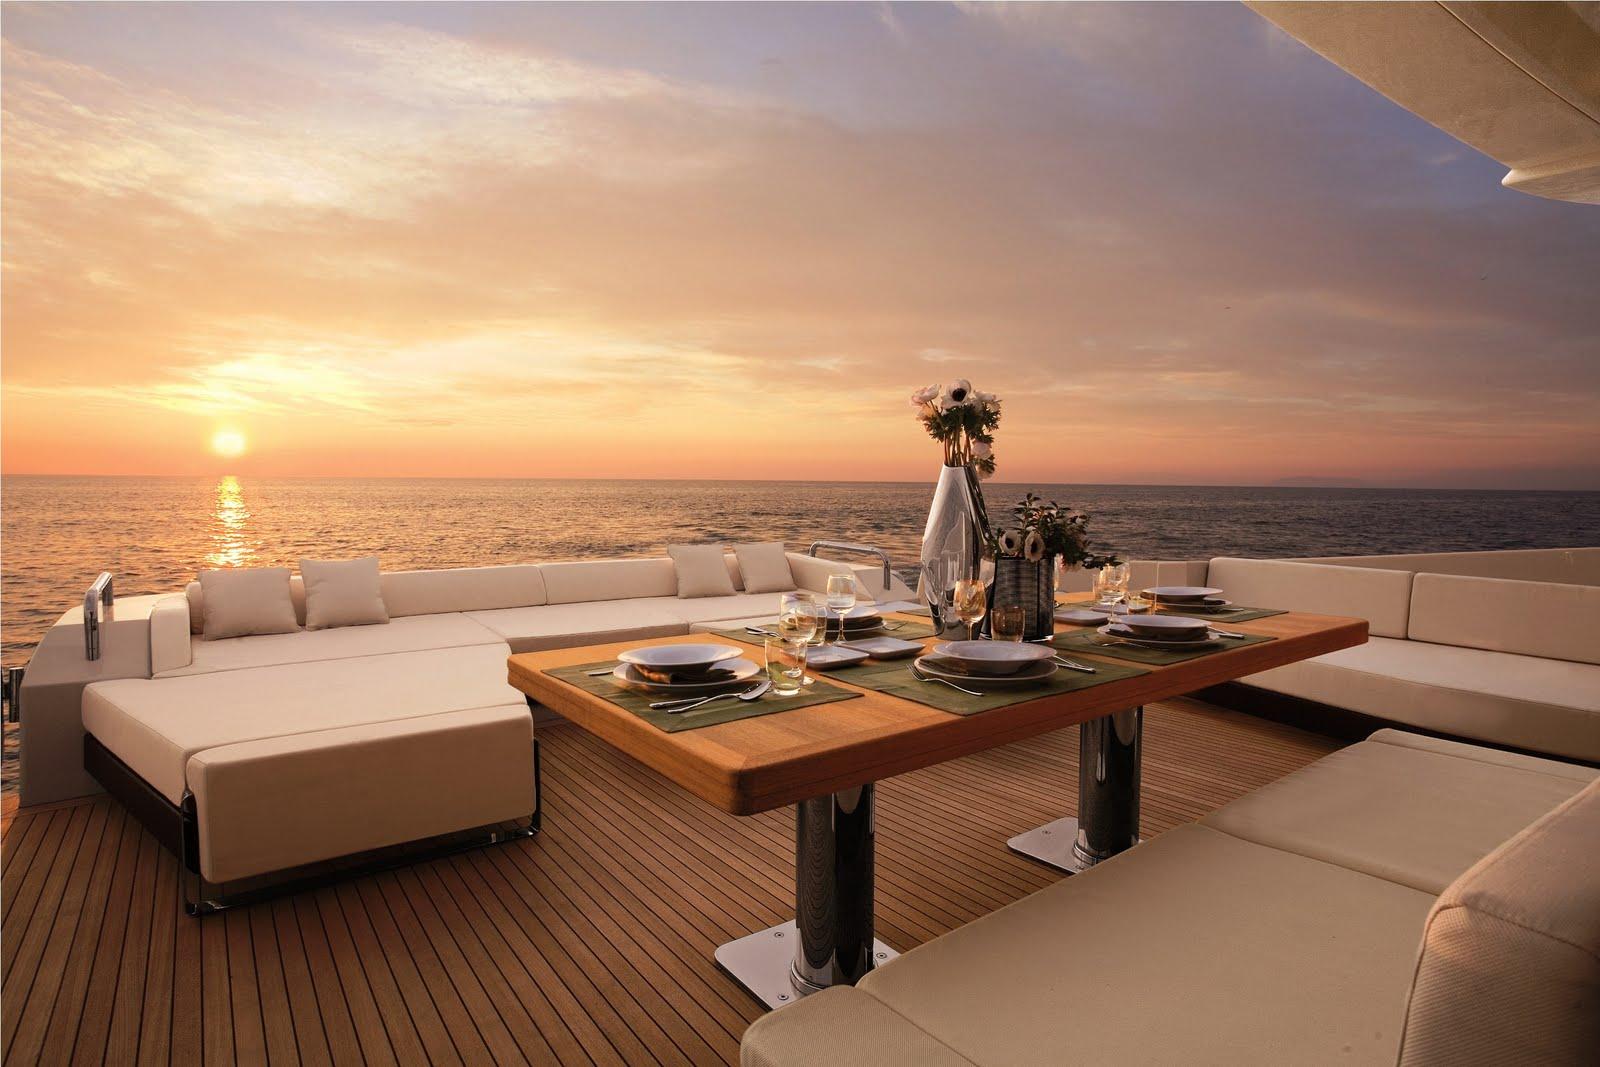 alquiler de yates en Ibiza. alquiler de yates en Ibiza. alquilar un yate de lujo en ibiza. Yates de alquiler en Ibiza